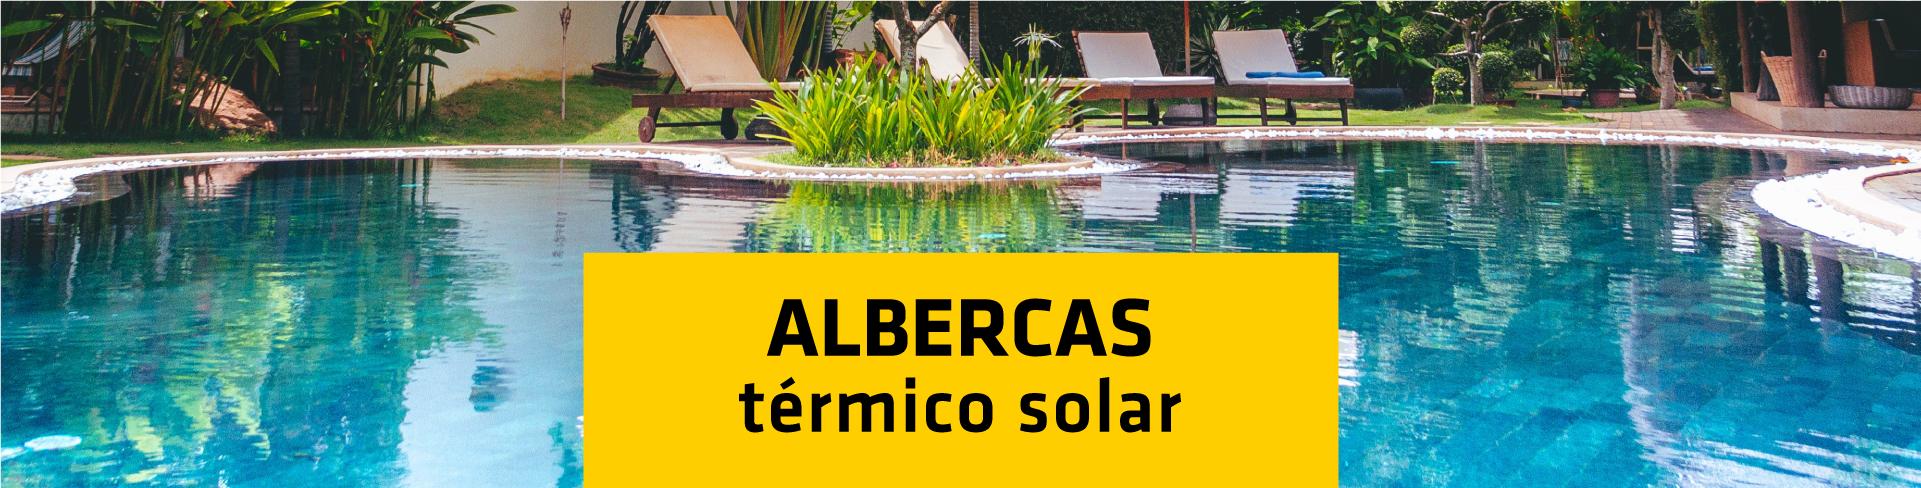 banner-albercas-Solares